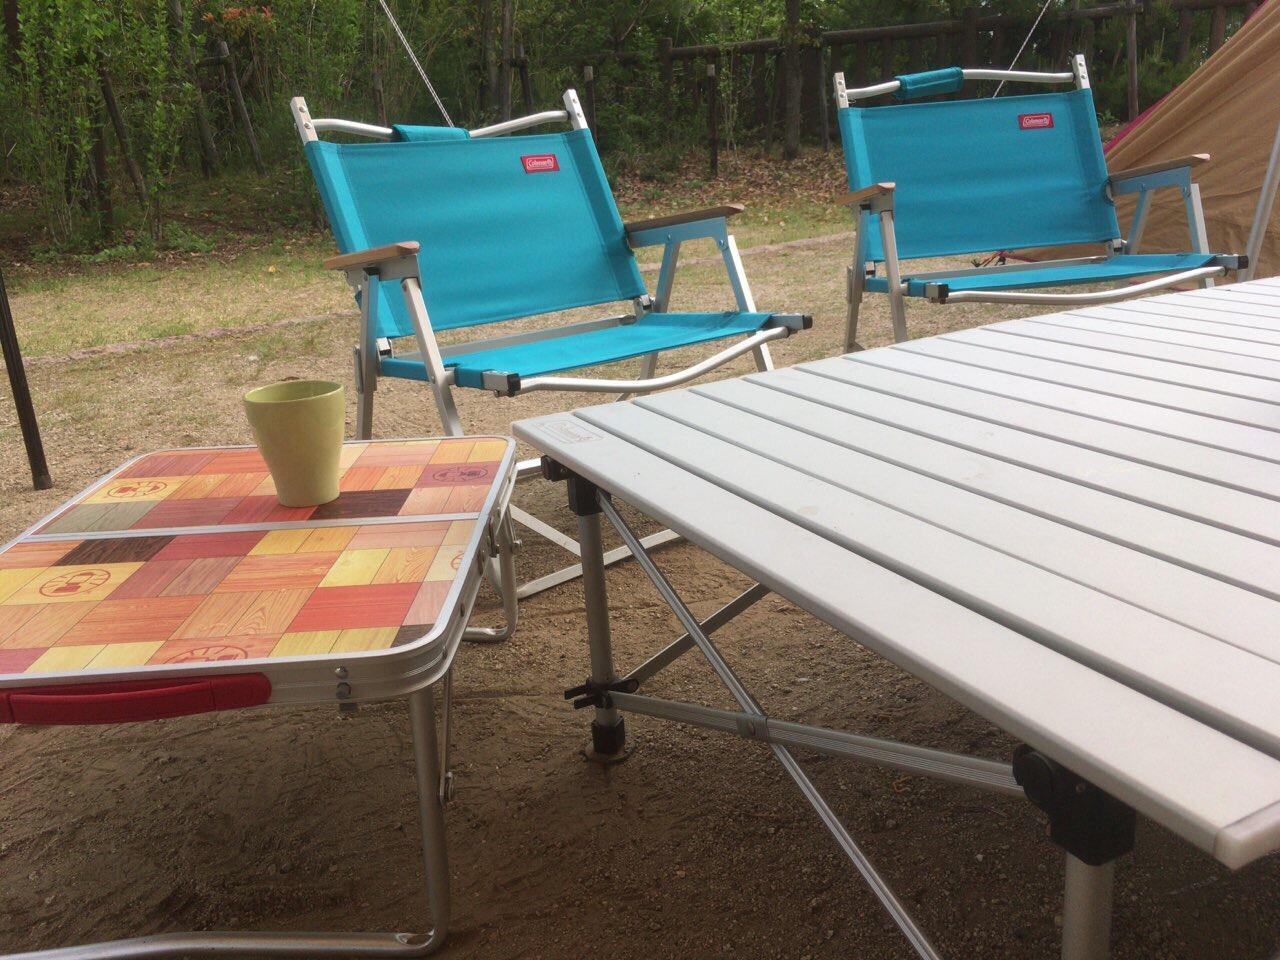 キャンプは快適な「ロースタイル」で。私も愛用でオススメのローテーブル・ローチェアー特集